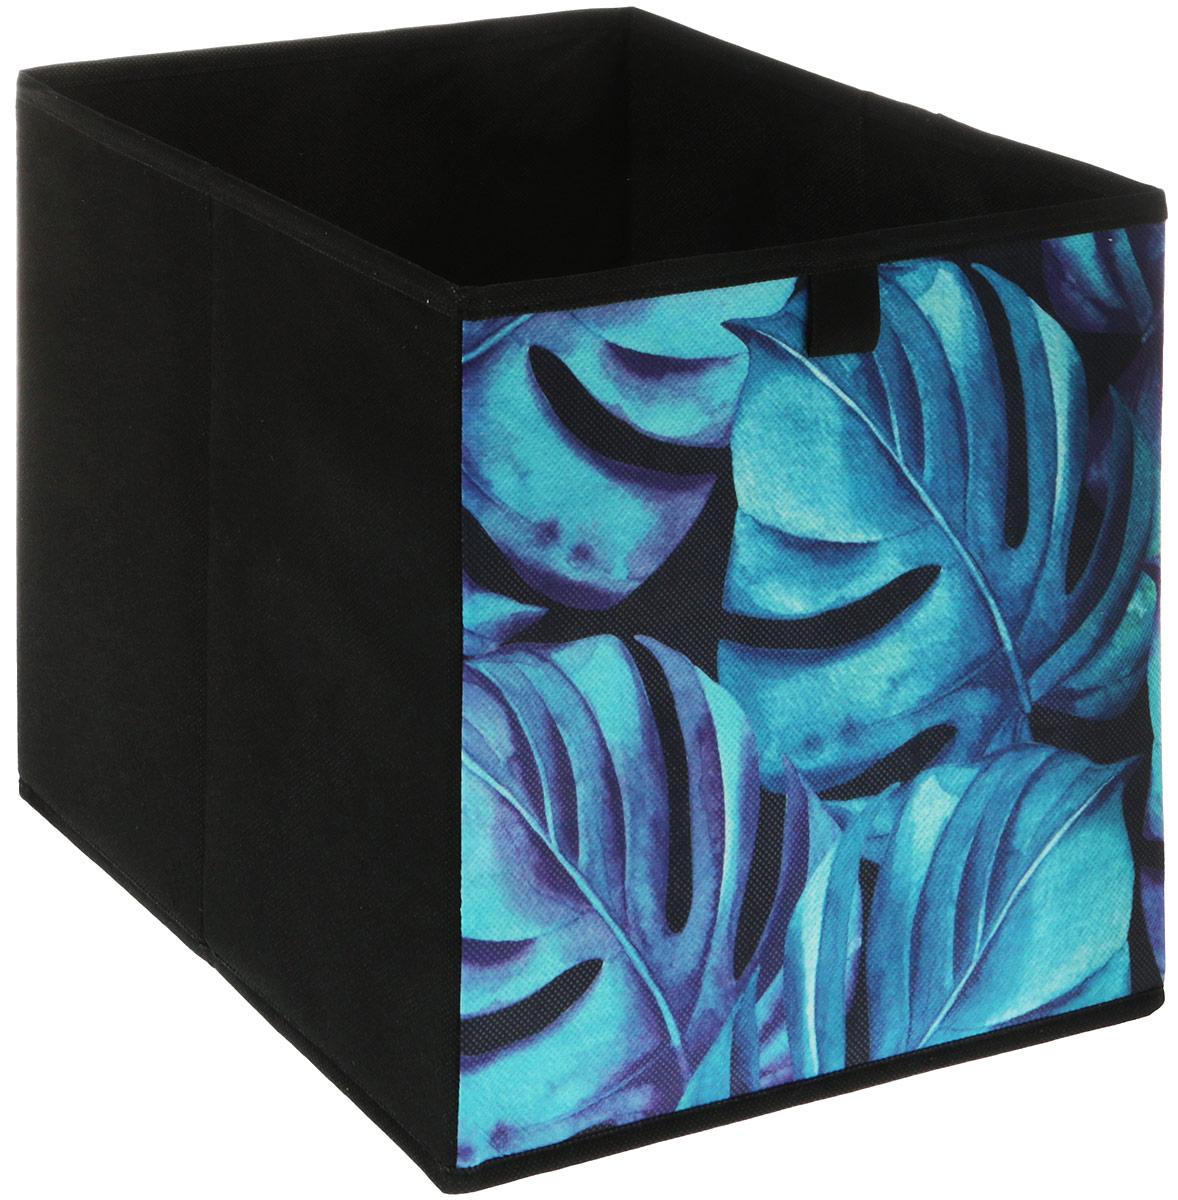 Кофр для хранения вещей GFTC Сирень, складной, цвет: бирюзовый, черный, 28 х 28 х 28 см. FS-2001-C кофр складной для хранения 28 18 18 см мексика с 2 ручками 1252424